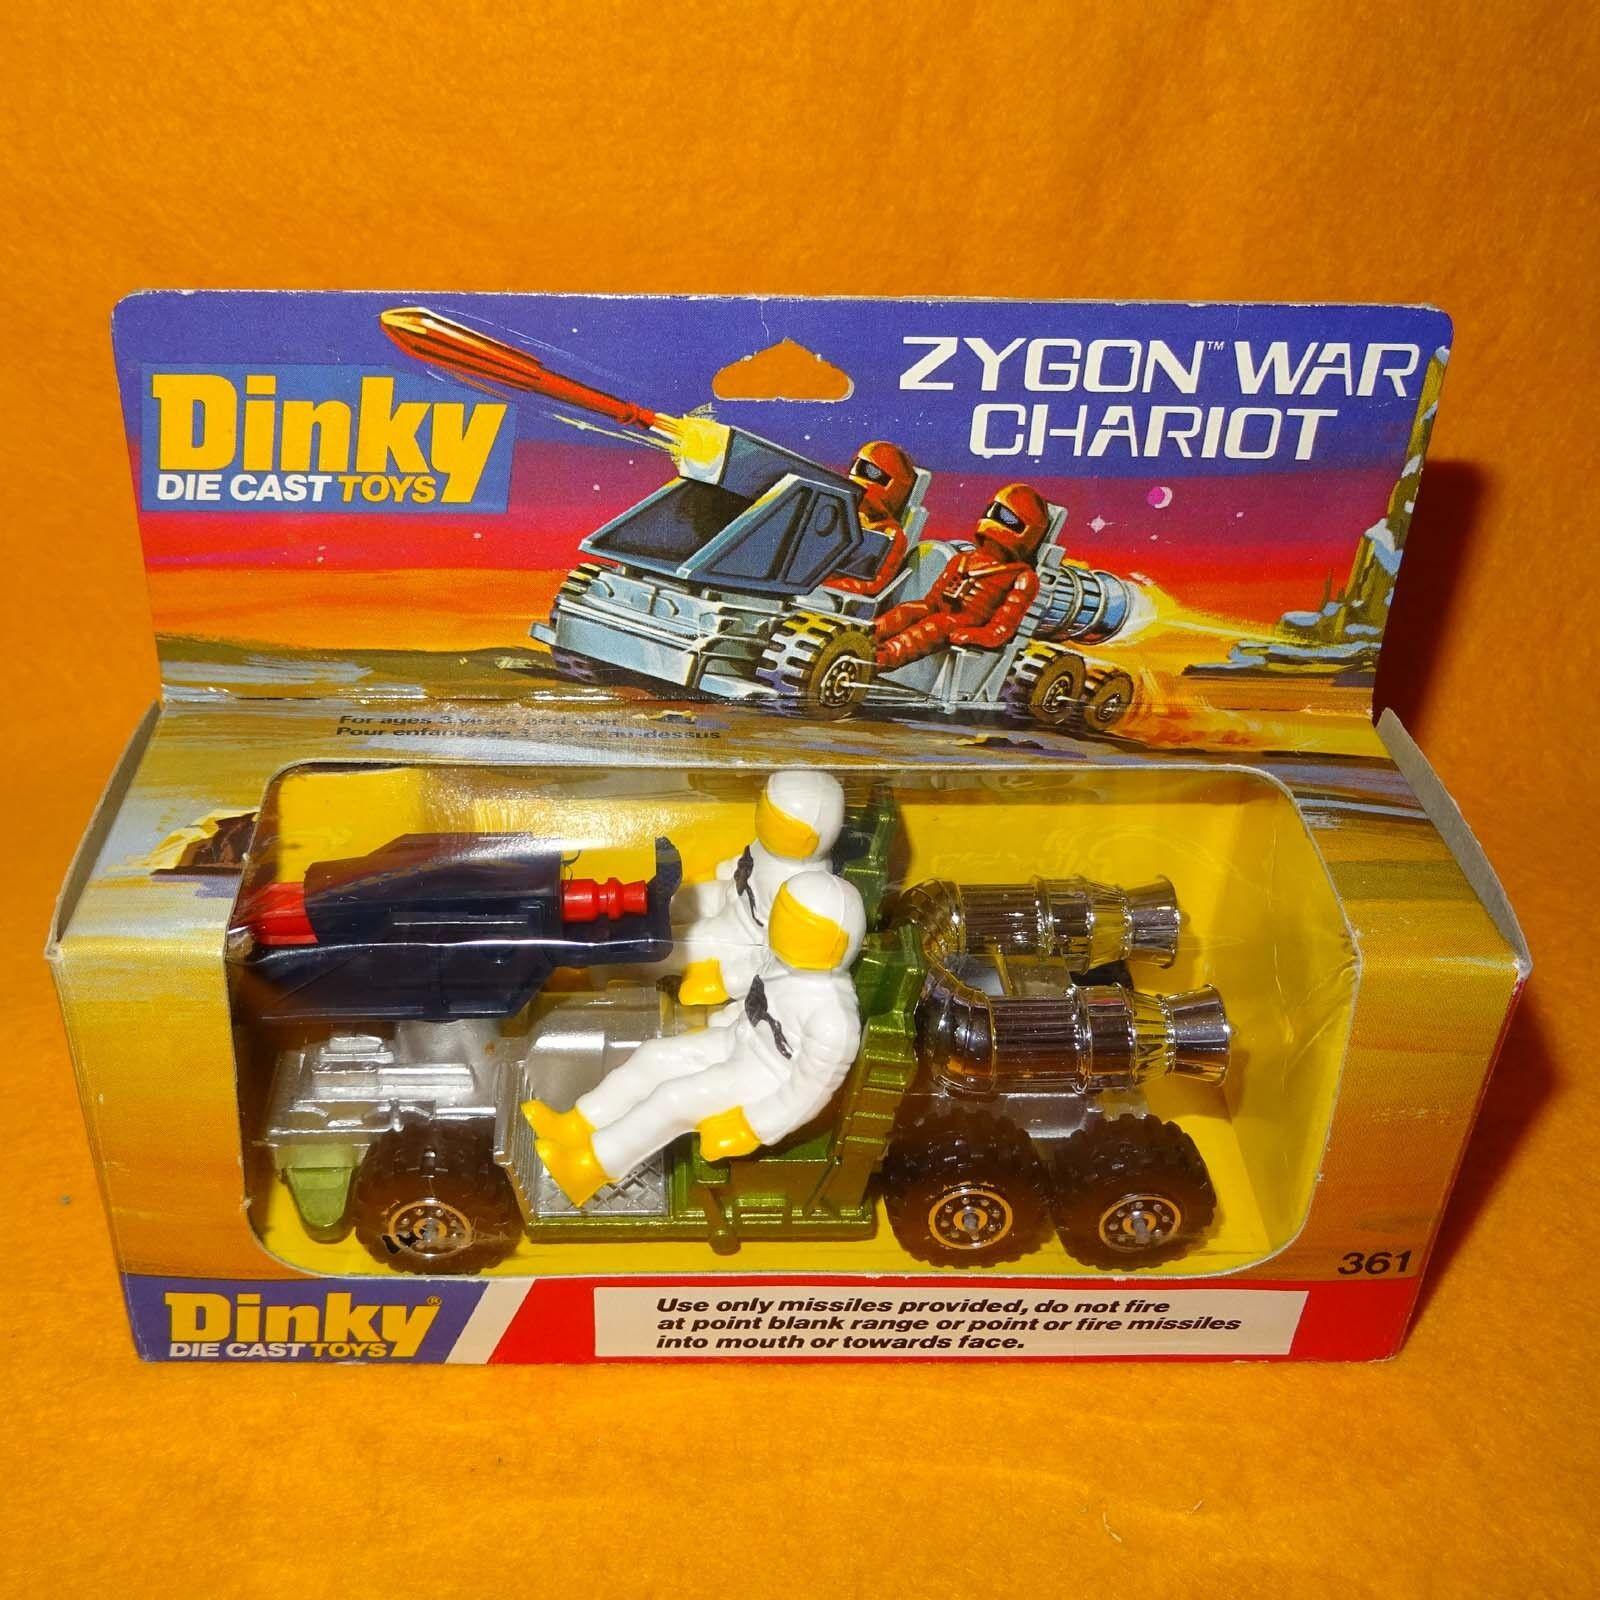 Vintage 1979 Dinky Toys 361 zygon Guerra Carro Die Cast vehículo Espacial En Caja